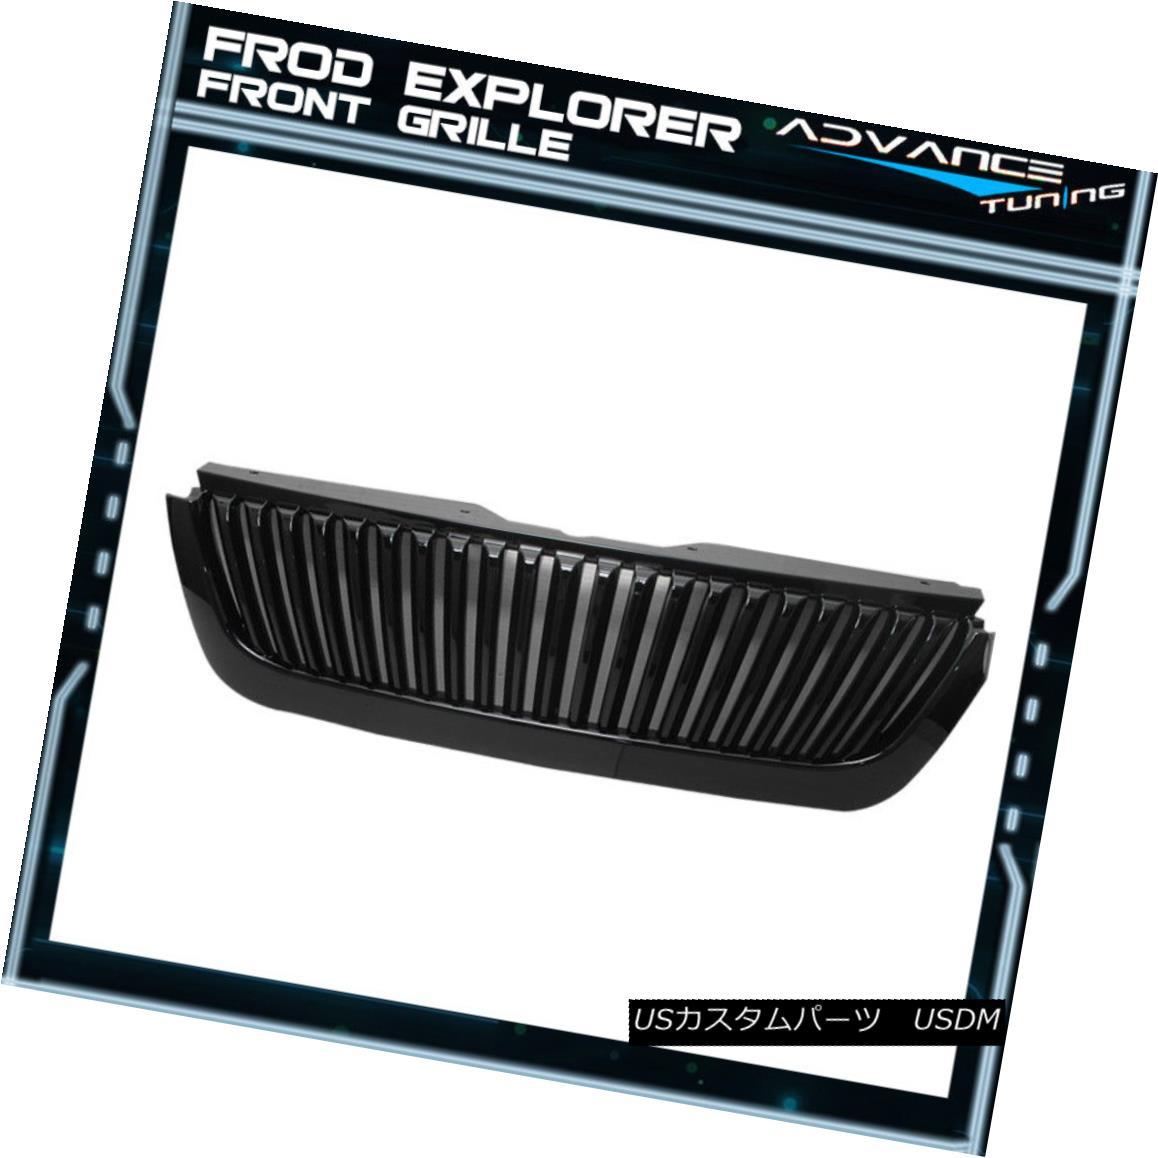 グリル Fits 02-05 Ford Explorer 4Dr Sedan Front Hood Grille Glossy Black フィット02-05 Ford Explorer 4Drセダンフロントフードグリルグロッシーブラック